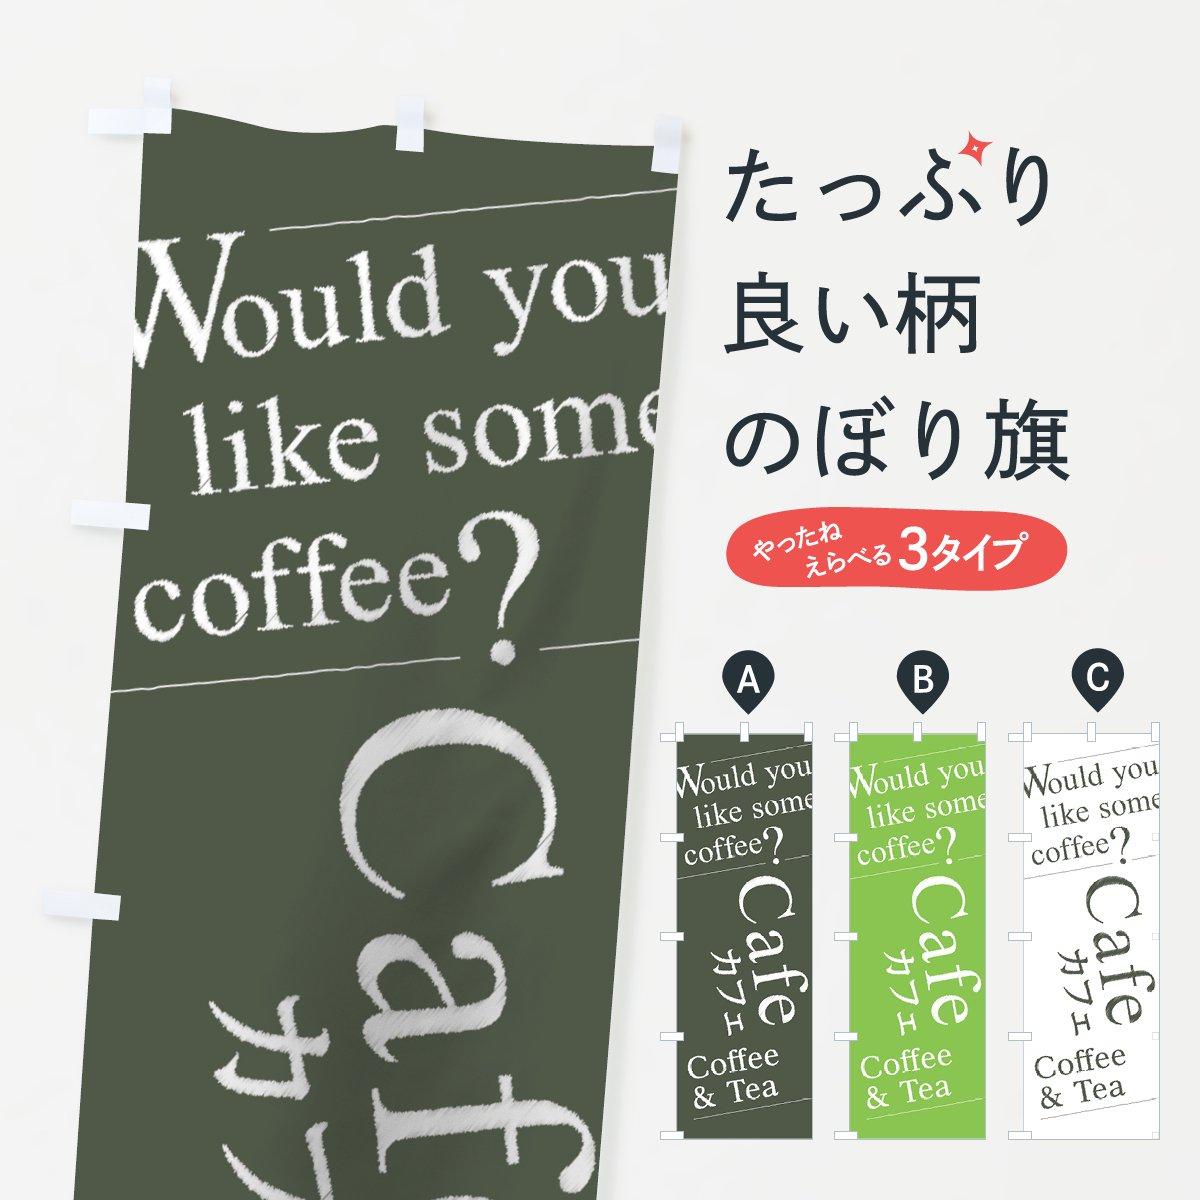 のぼり旗 カフェ Cafe Coffee&Tea Would you like 鮮やかのぼり